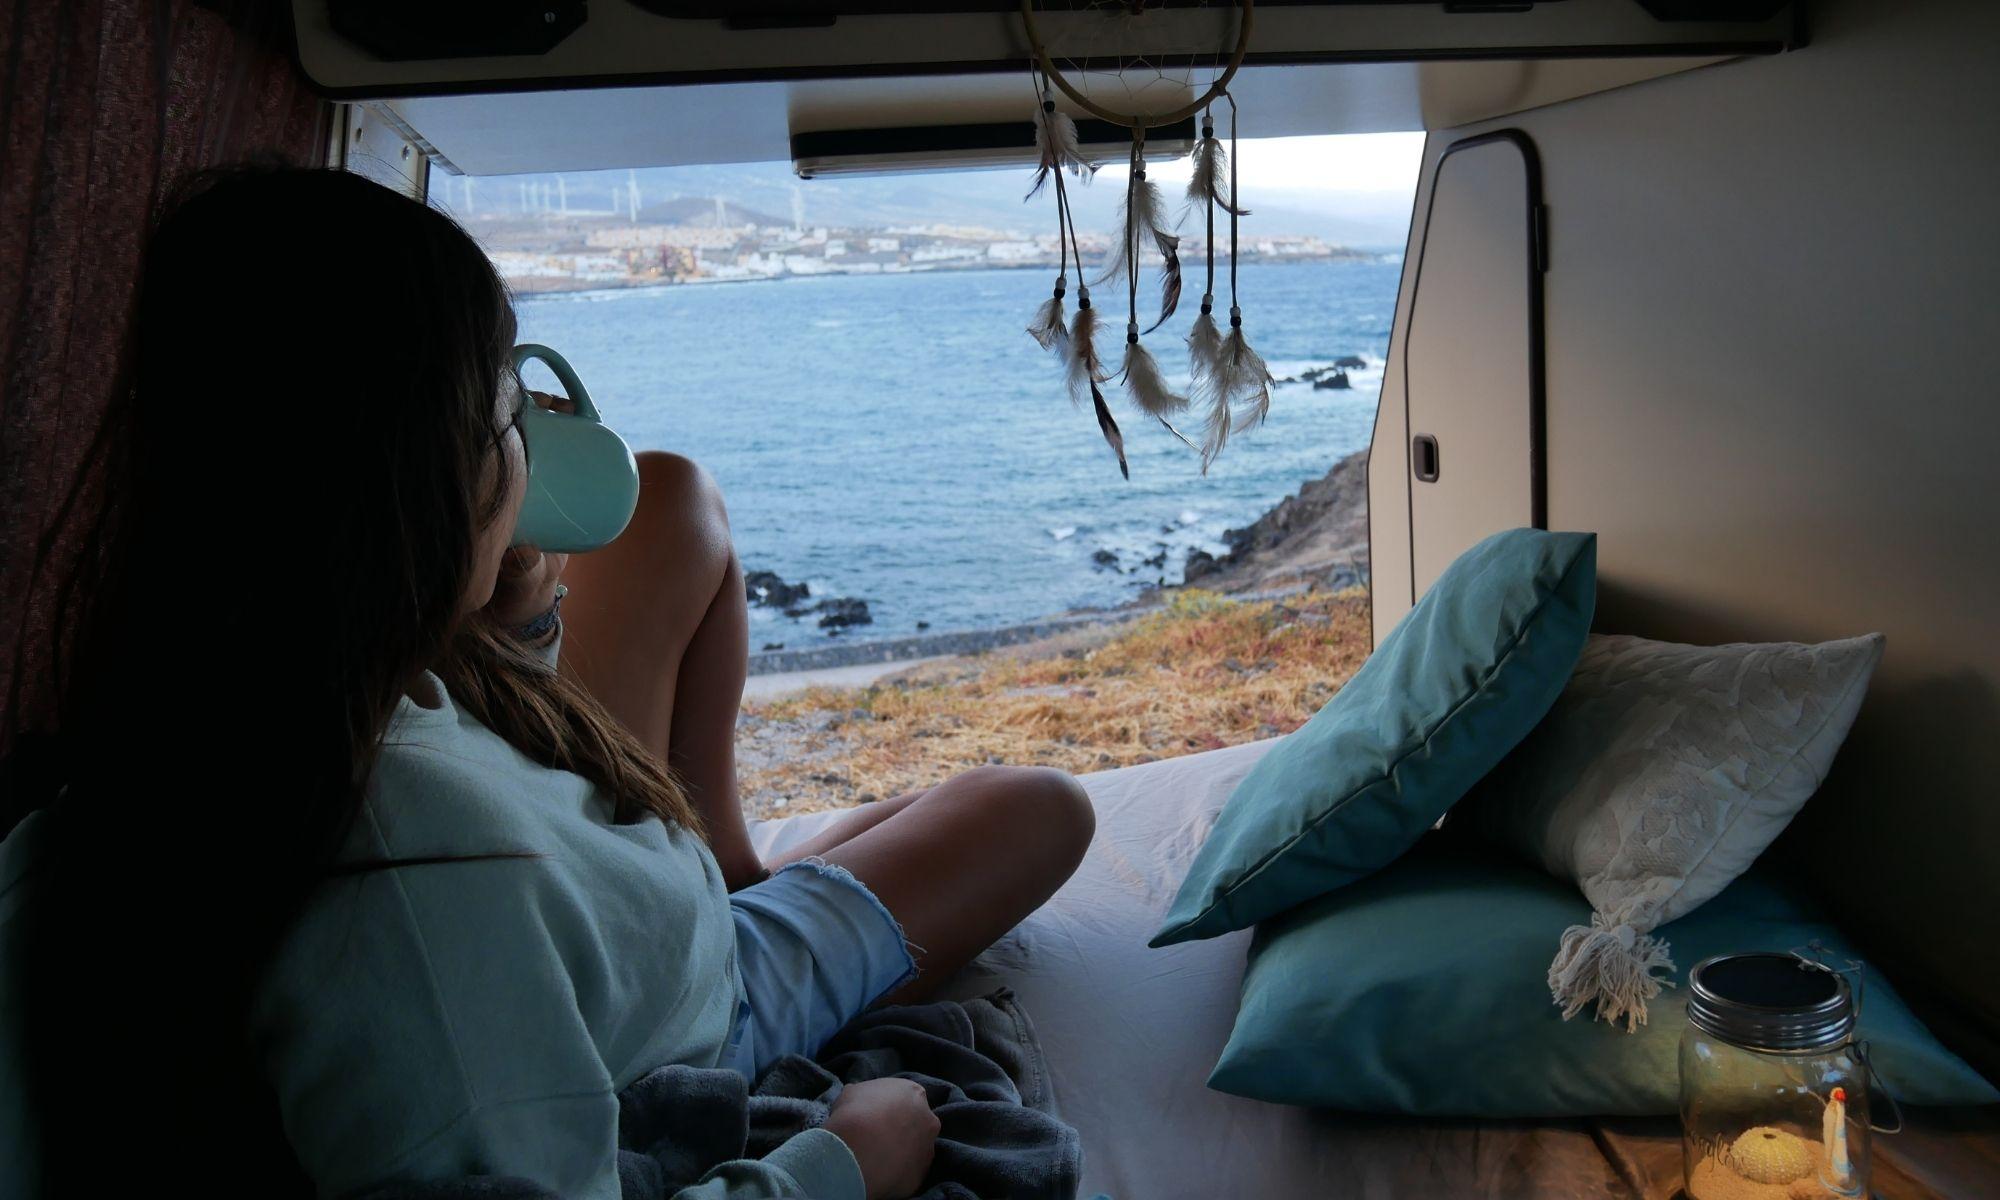 Aufwachen am Meer - Camping auf Teneriffa